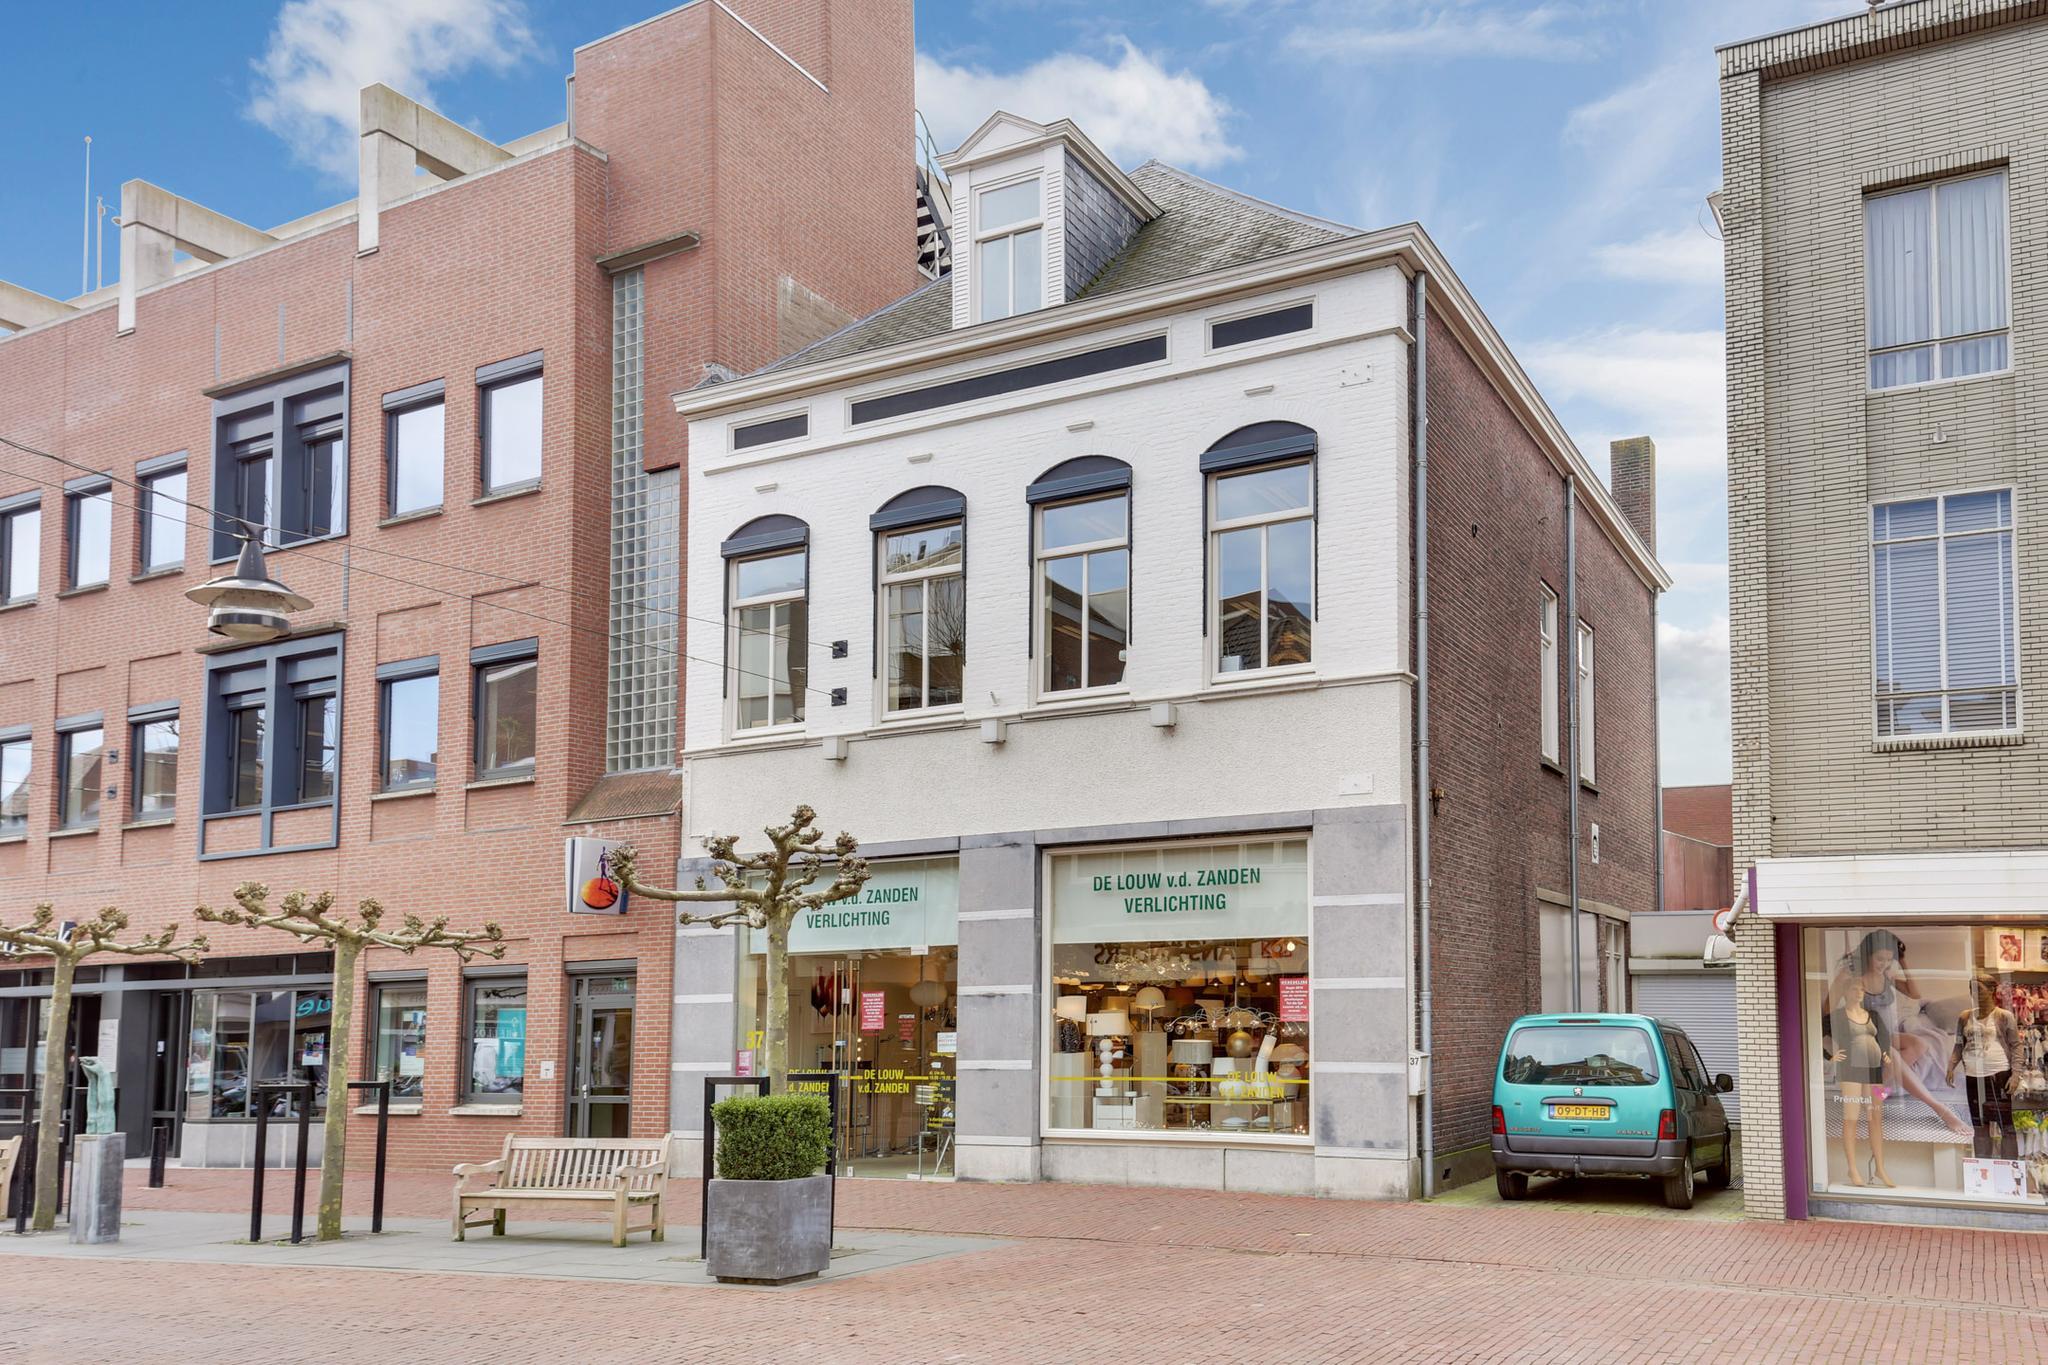 Kerkstraat 37 in Helmond 5701 PL: Winkelruimte. - Adriaan van den ...